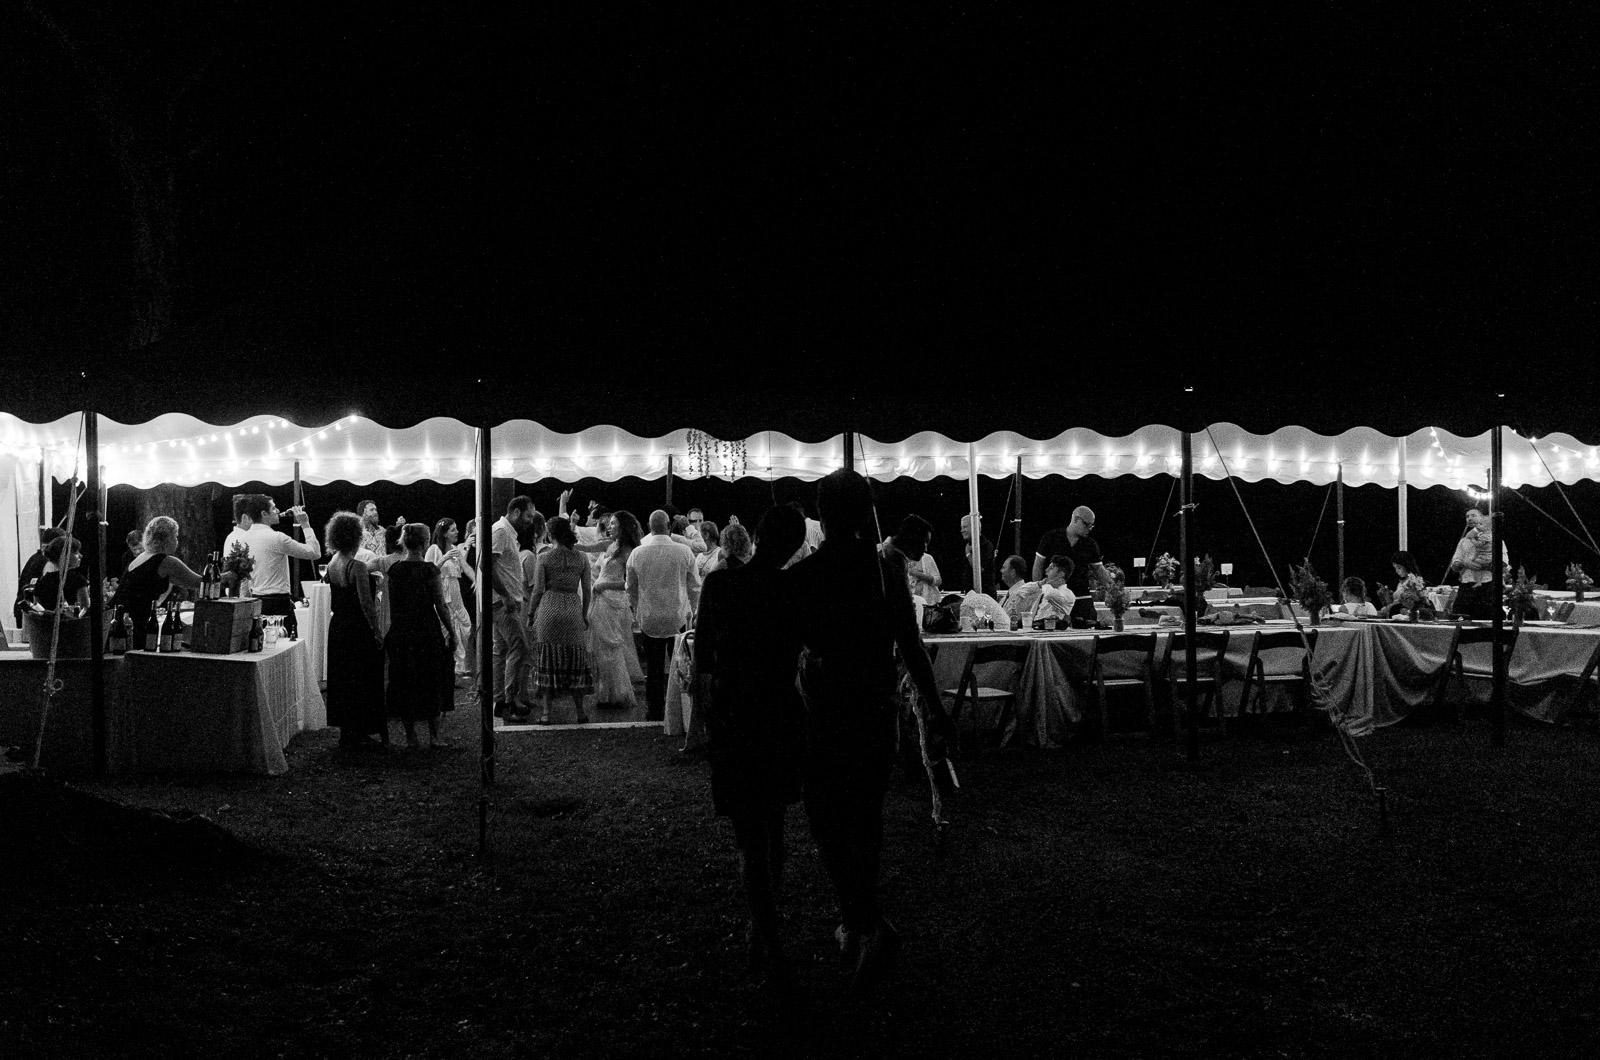 Events_FernandoVillela-44.jpg